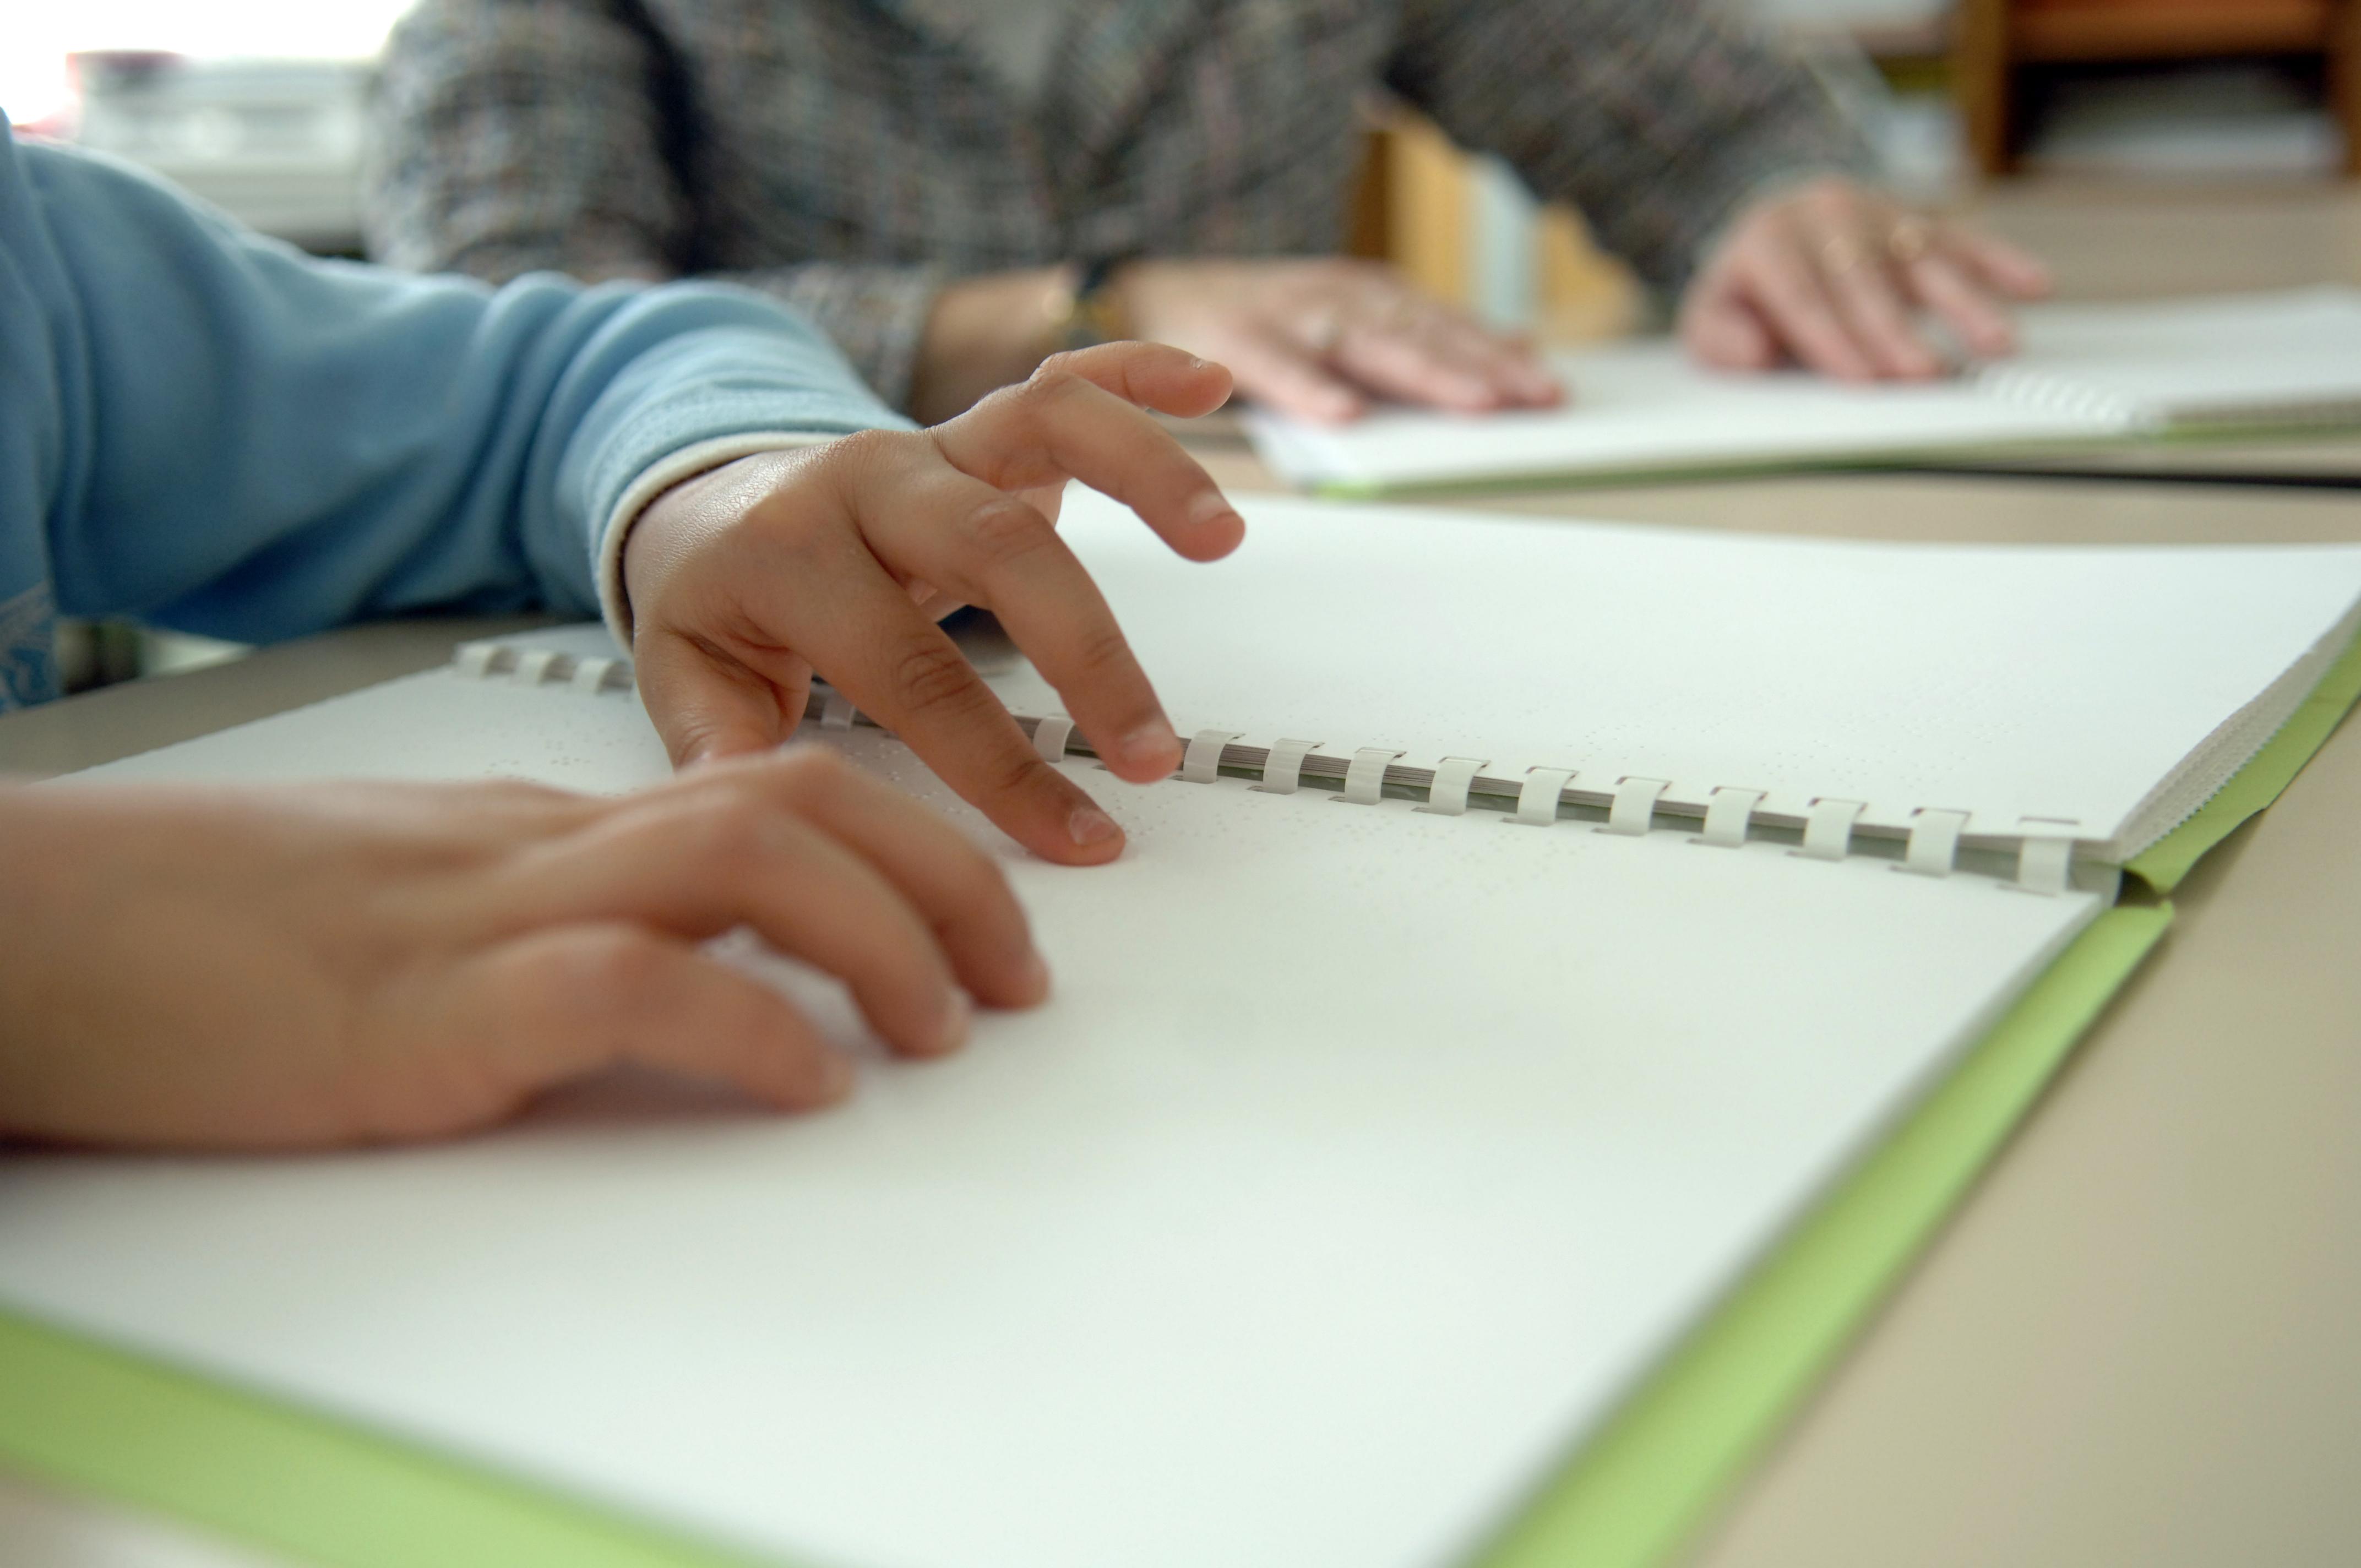 Les élèves en situation de handicap ou malades